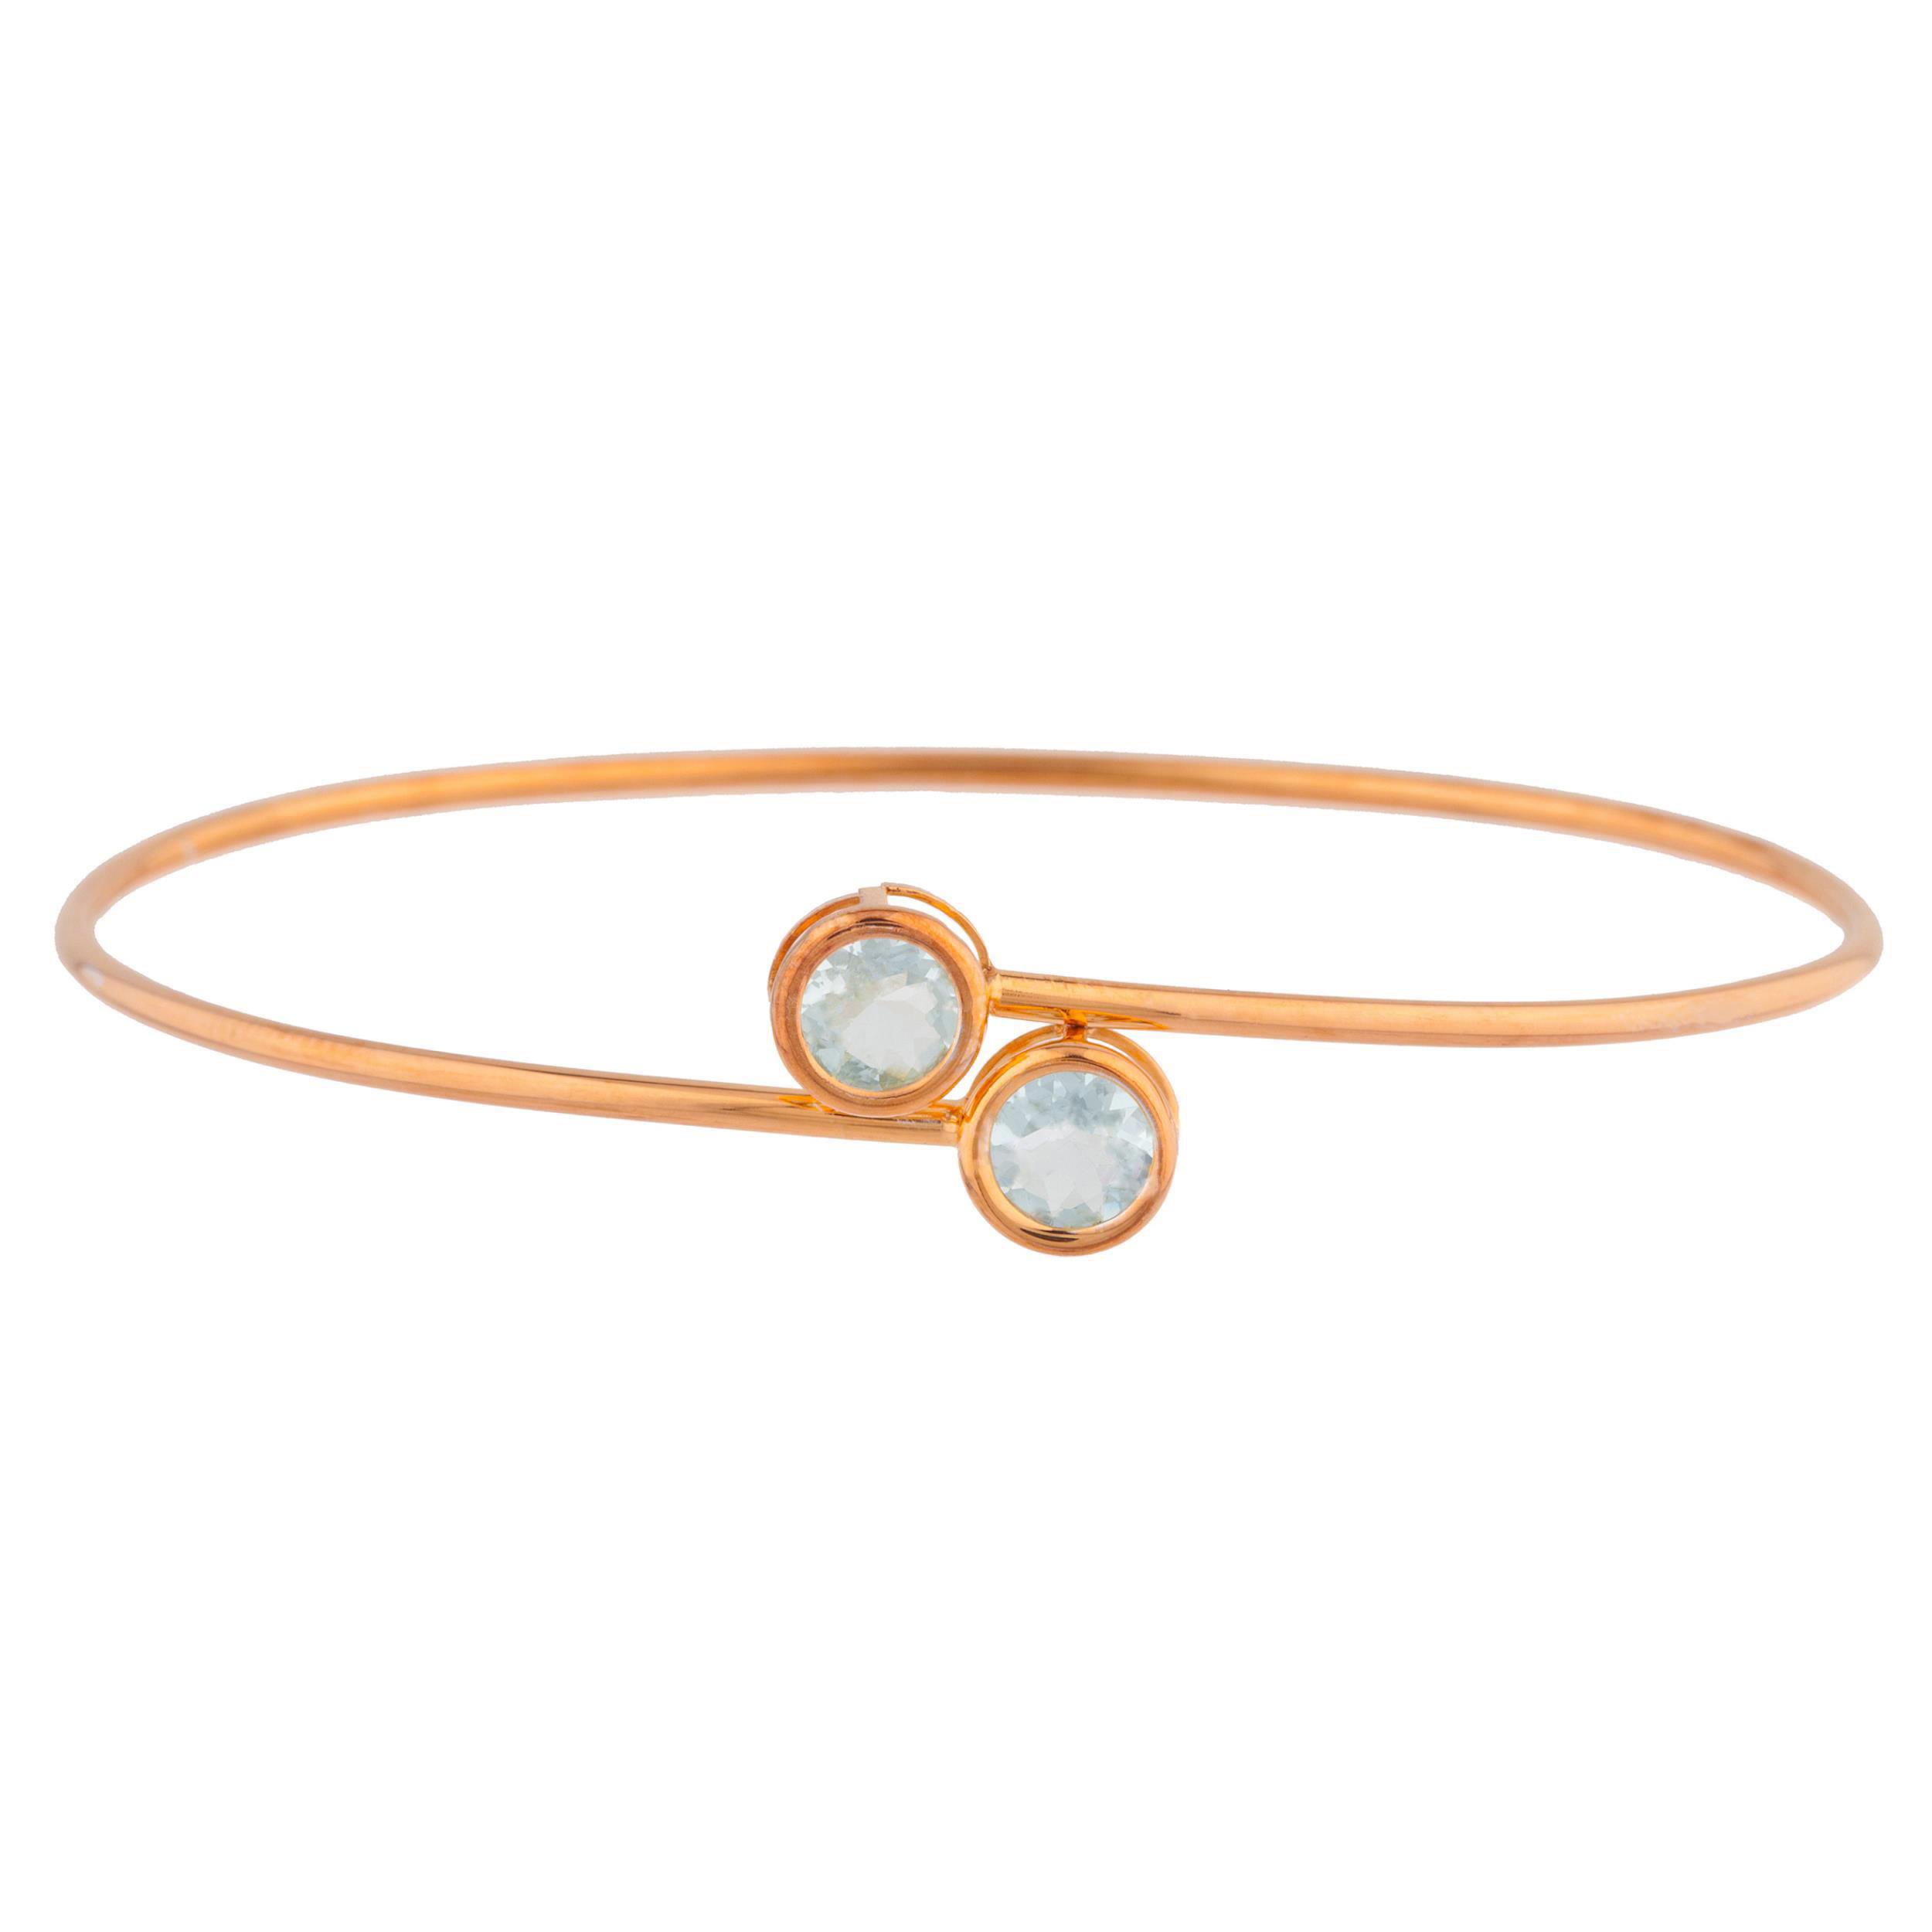 14Kt Rose Gold Plated Genuine Aquamarine Round Bezel Bangle Bracelet by Elizabeth Jewelry Inc